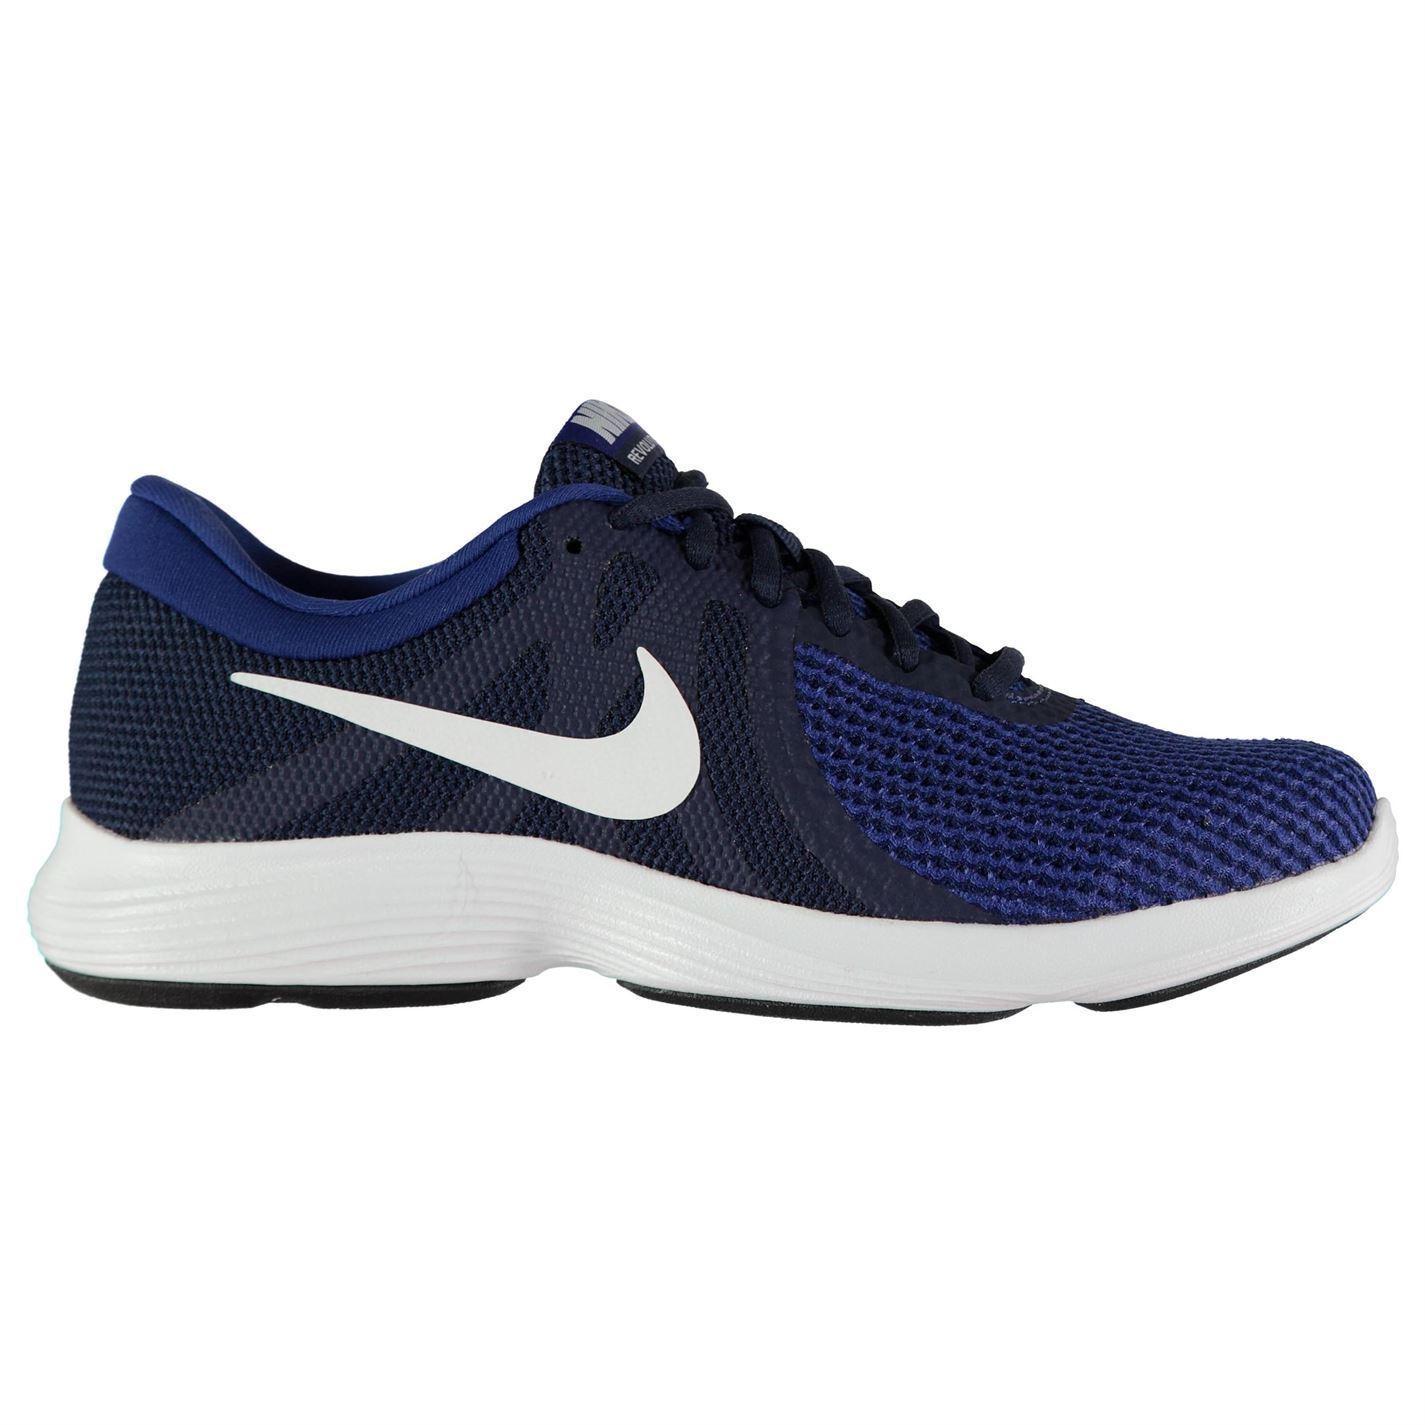 Nike REVOLUTION 4 Trainers zapatillas hombre Navy Sports zapatos zapatillas Trainers b82e5b